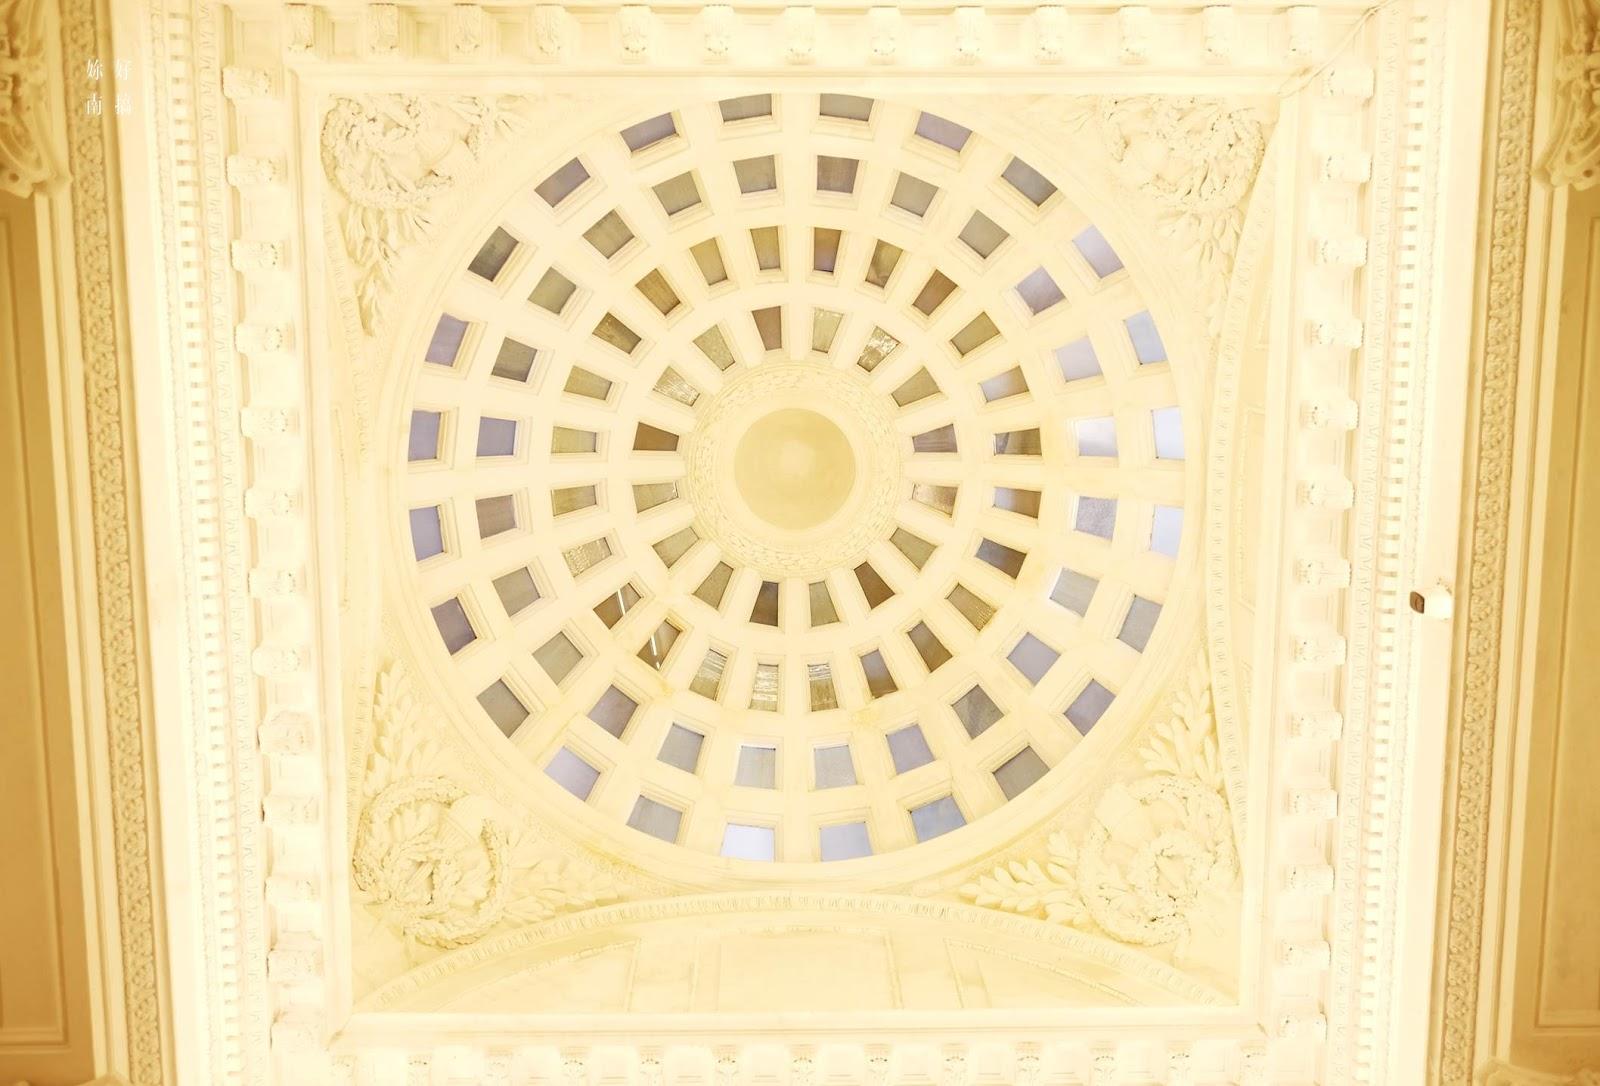 巴洛克圓頂設計 , 是建築物中的亮點 !